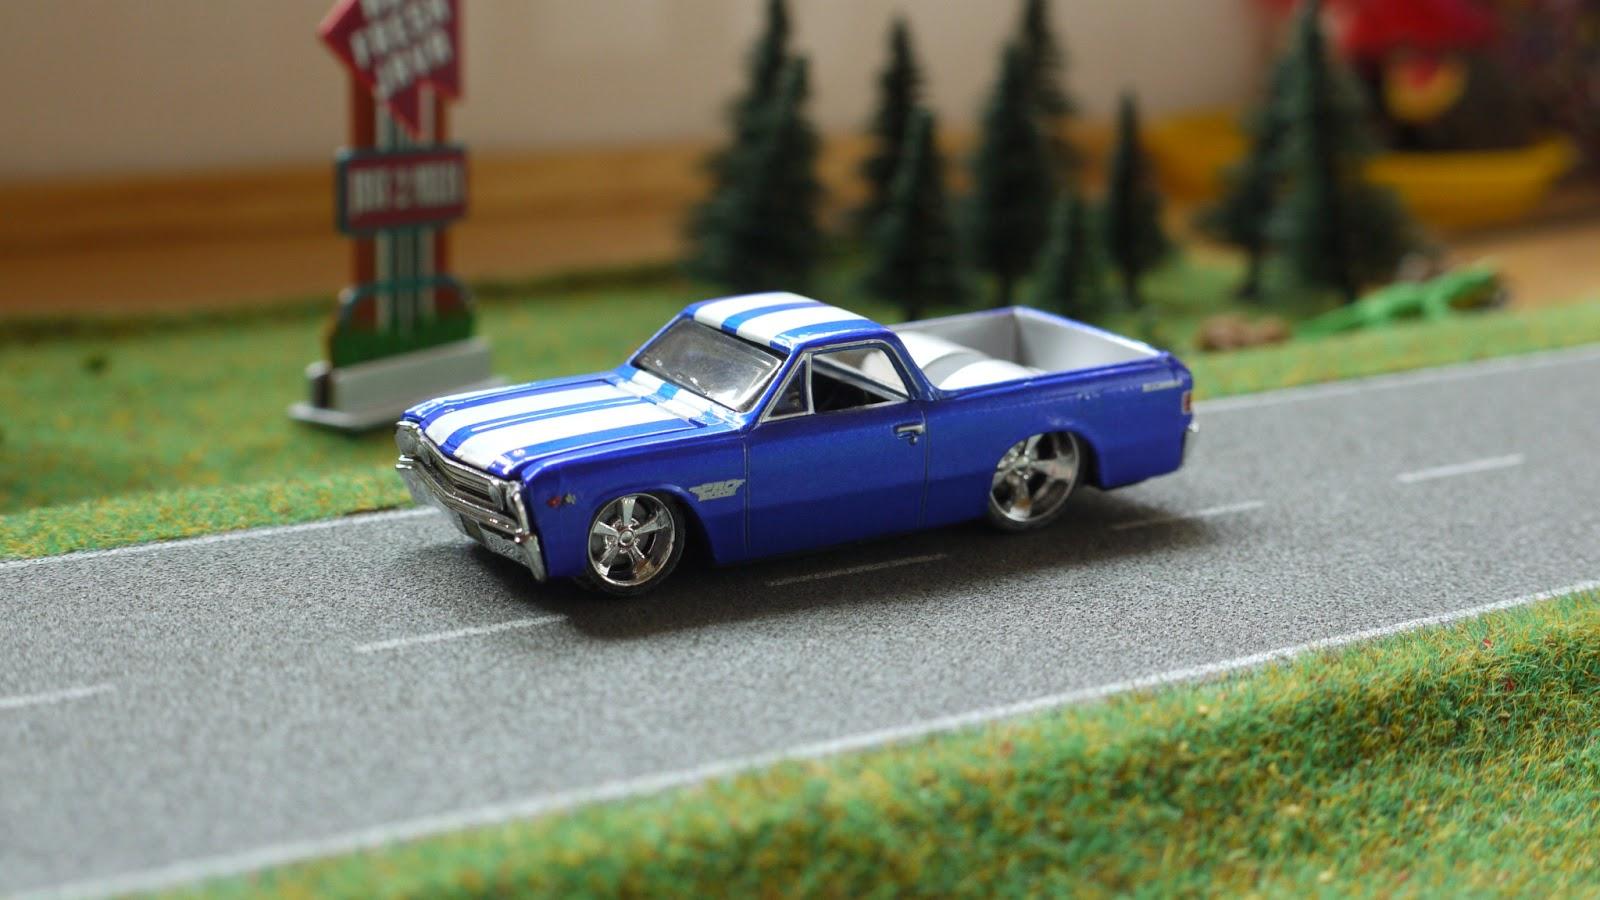 Diecast Cars 1 64 Modellautos 164 Modellbilar Chevrolet El 1968 Camino Ss 1967 Maisto